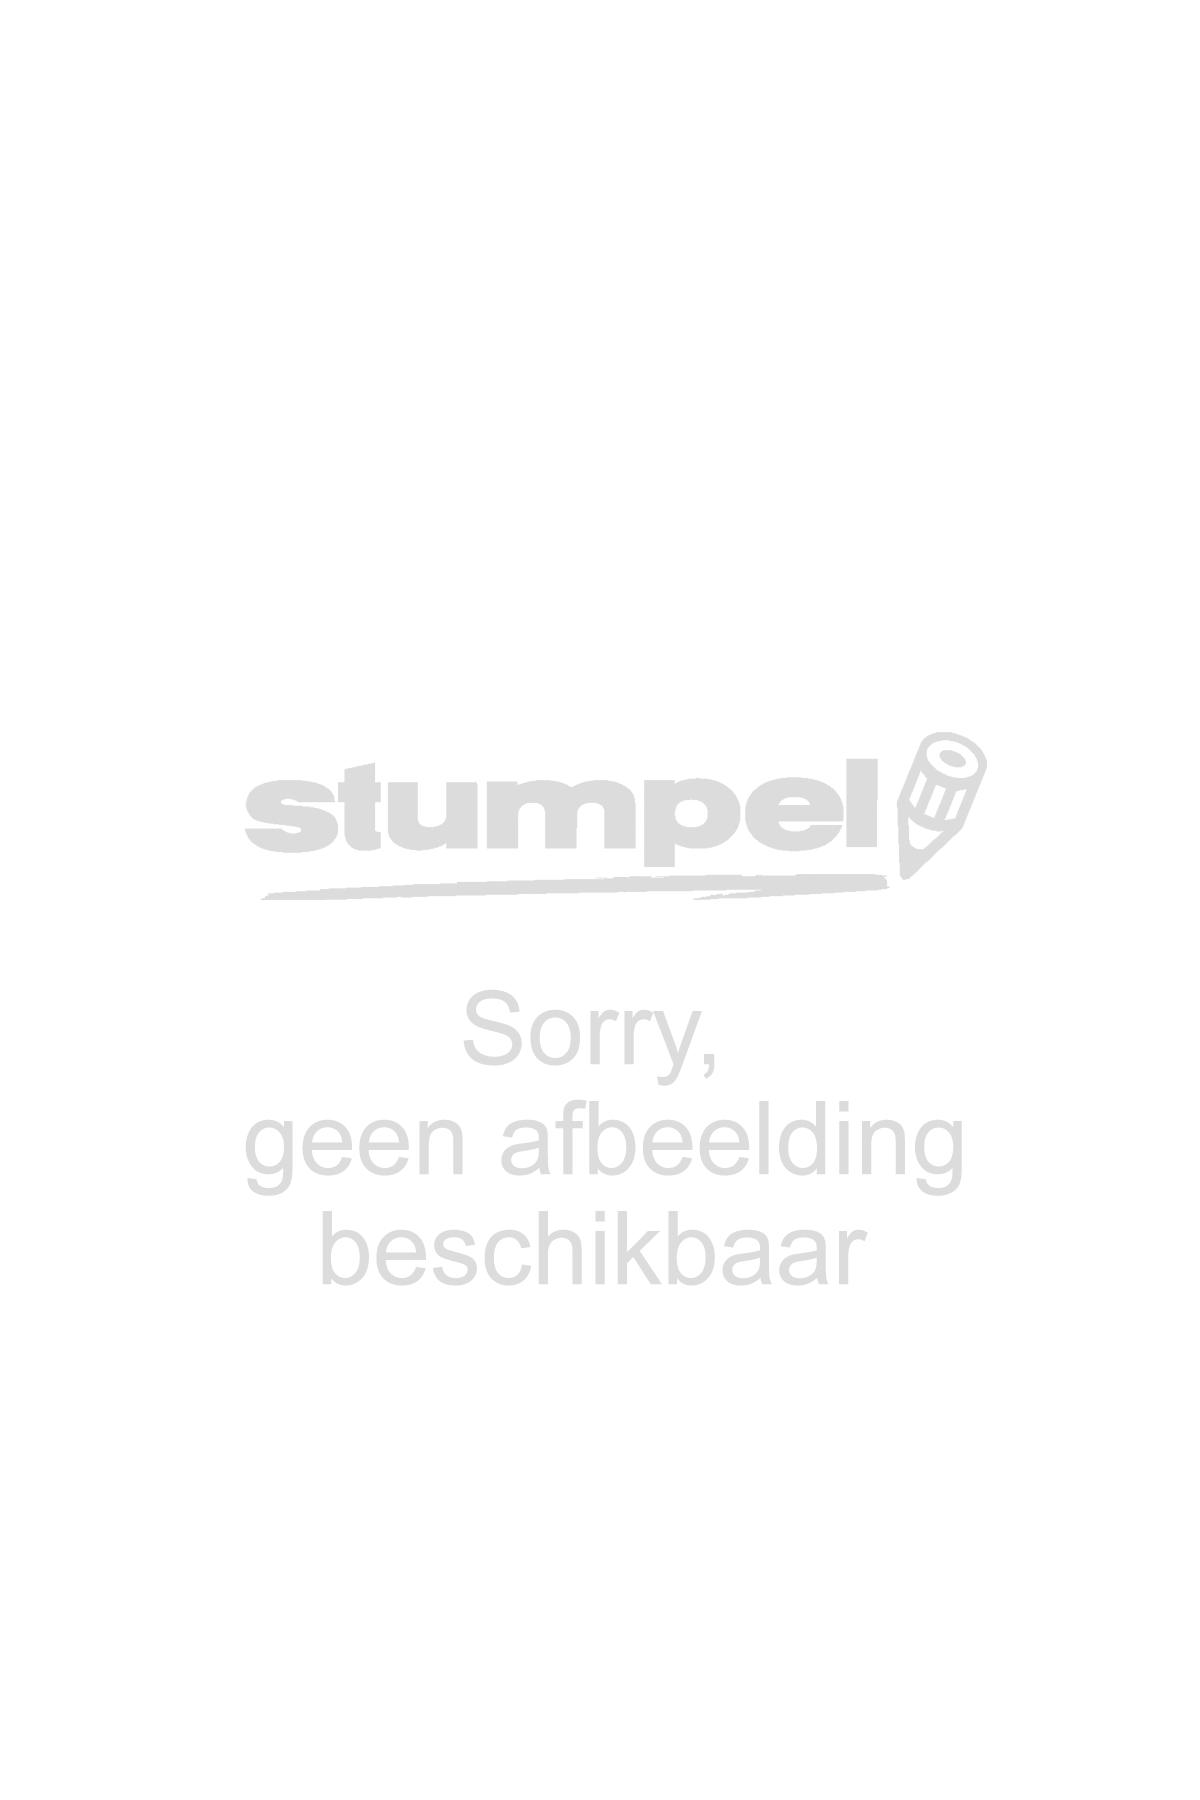 Markeerstift Stabilo 7124 Luminator geel